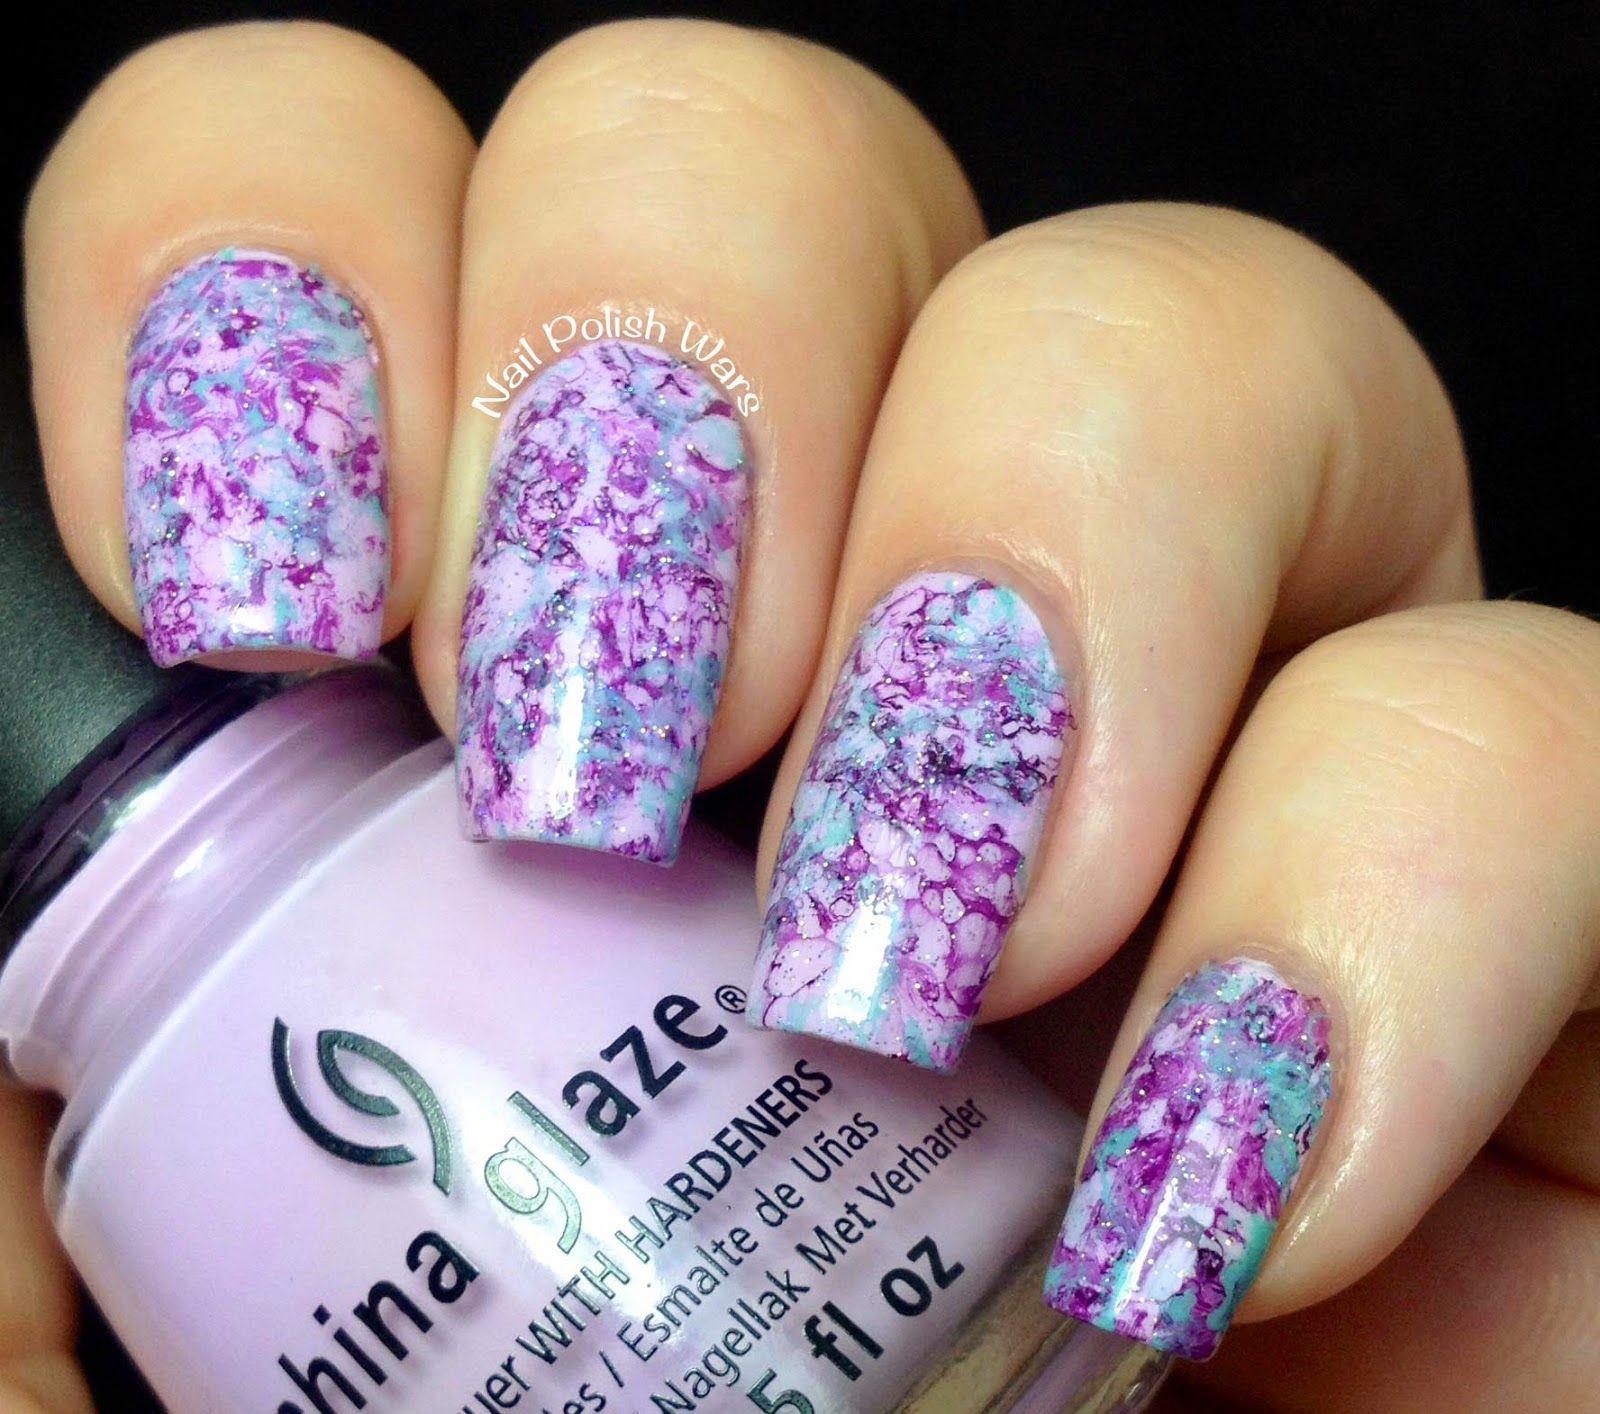 Nail polish wars candy dipped nail art using spray alcohol method